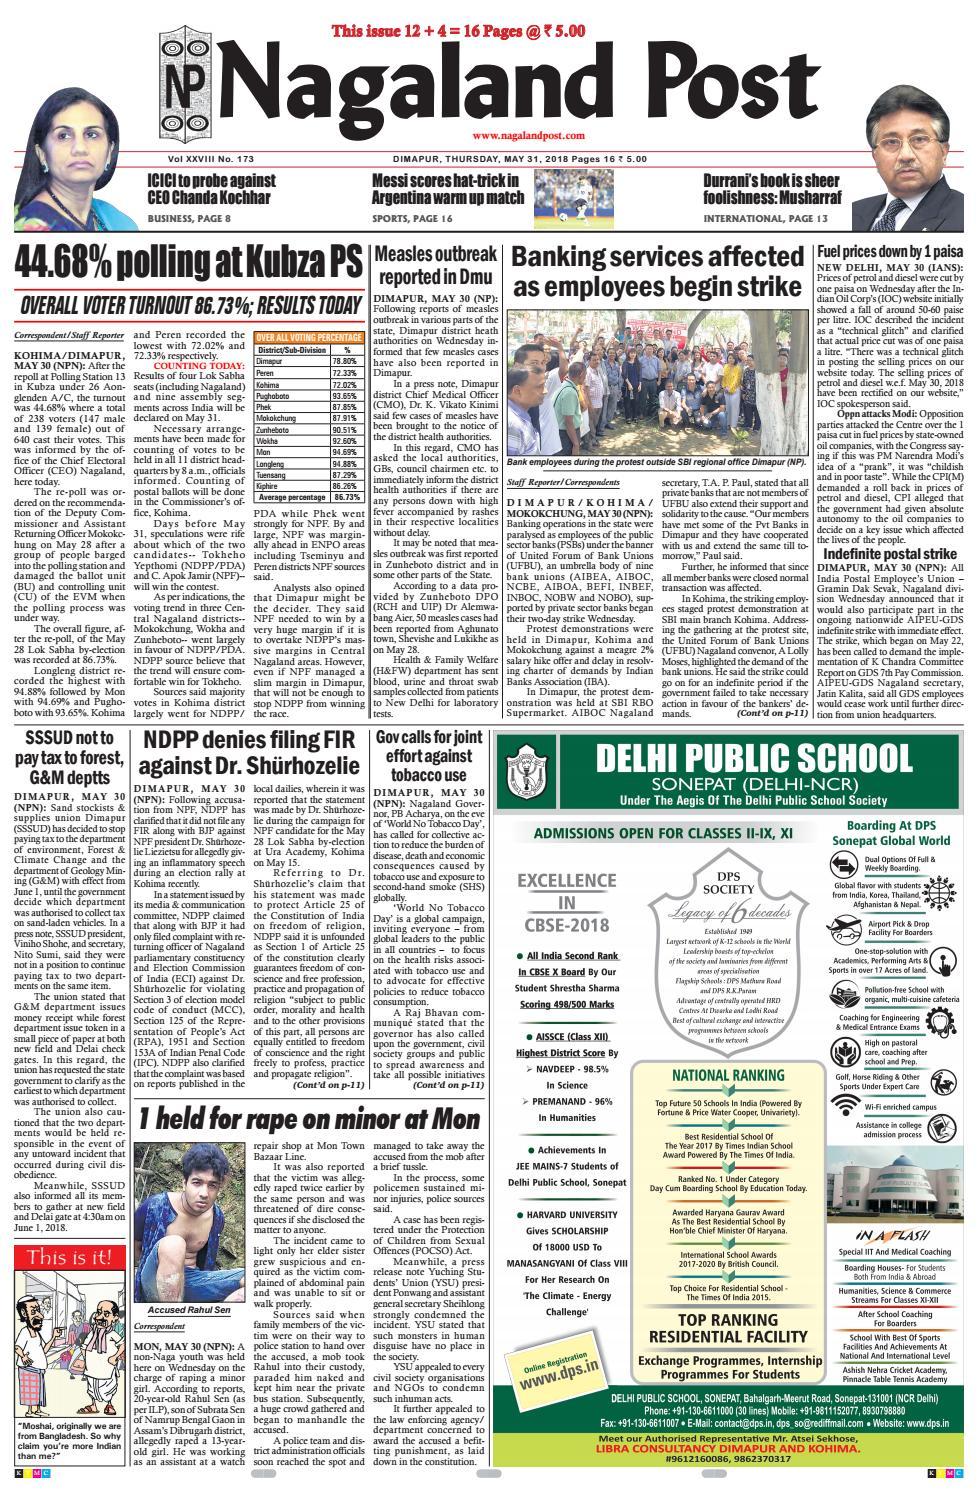 May 31, 2018 by Nagaland Post - issuu